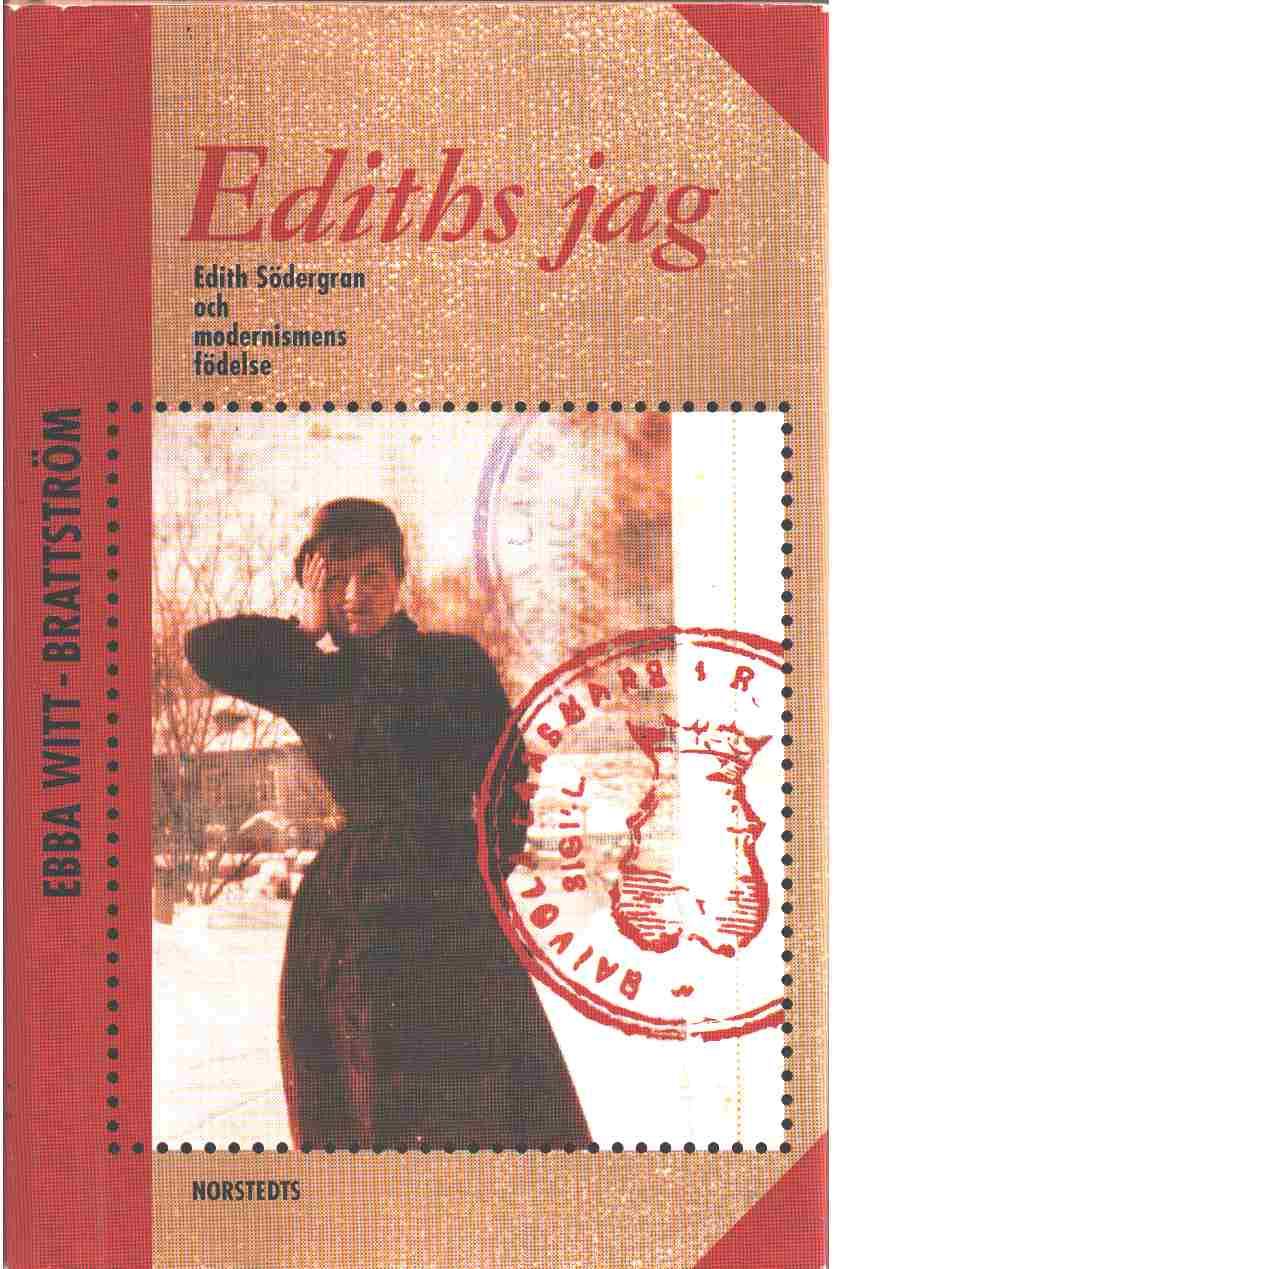 Ediths jag : Edith Södergran och modernismens födelse - Witt-Brattström, Ebba